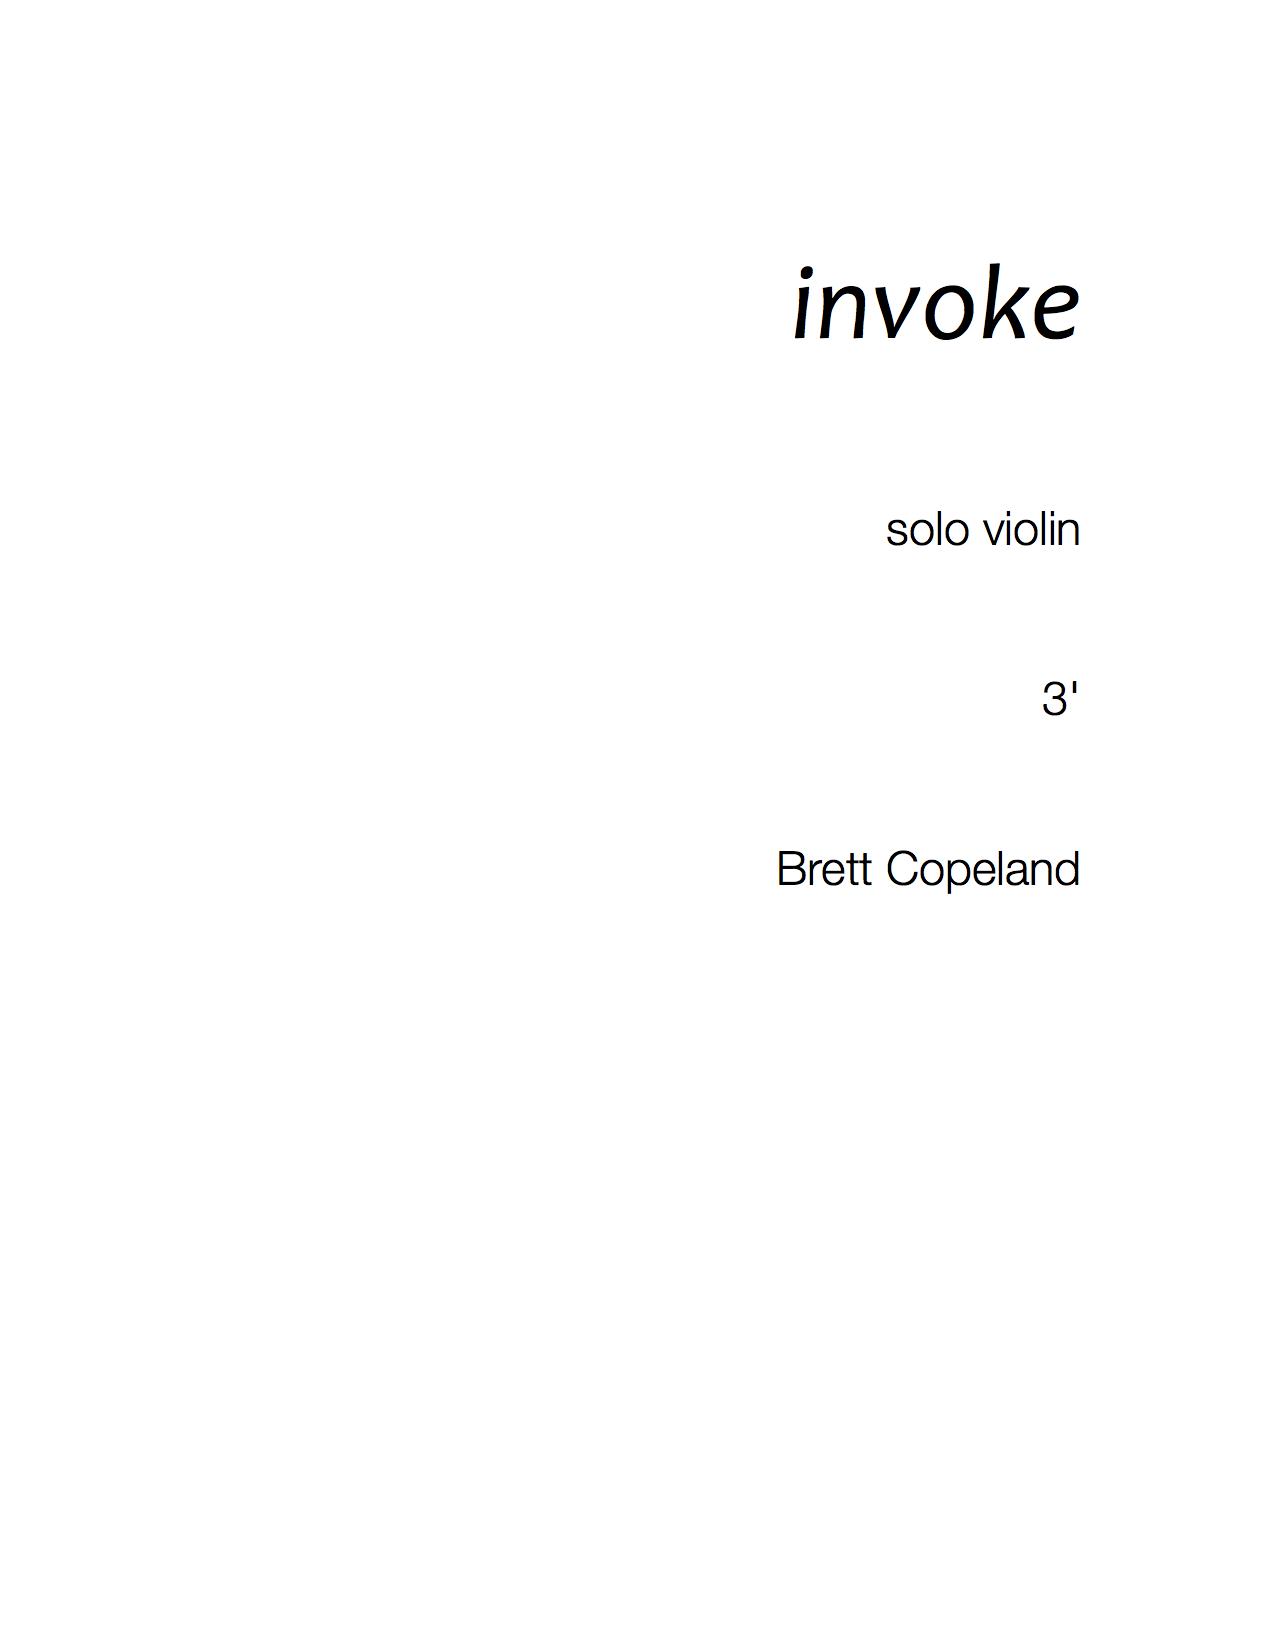 invoke for solo violin